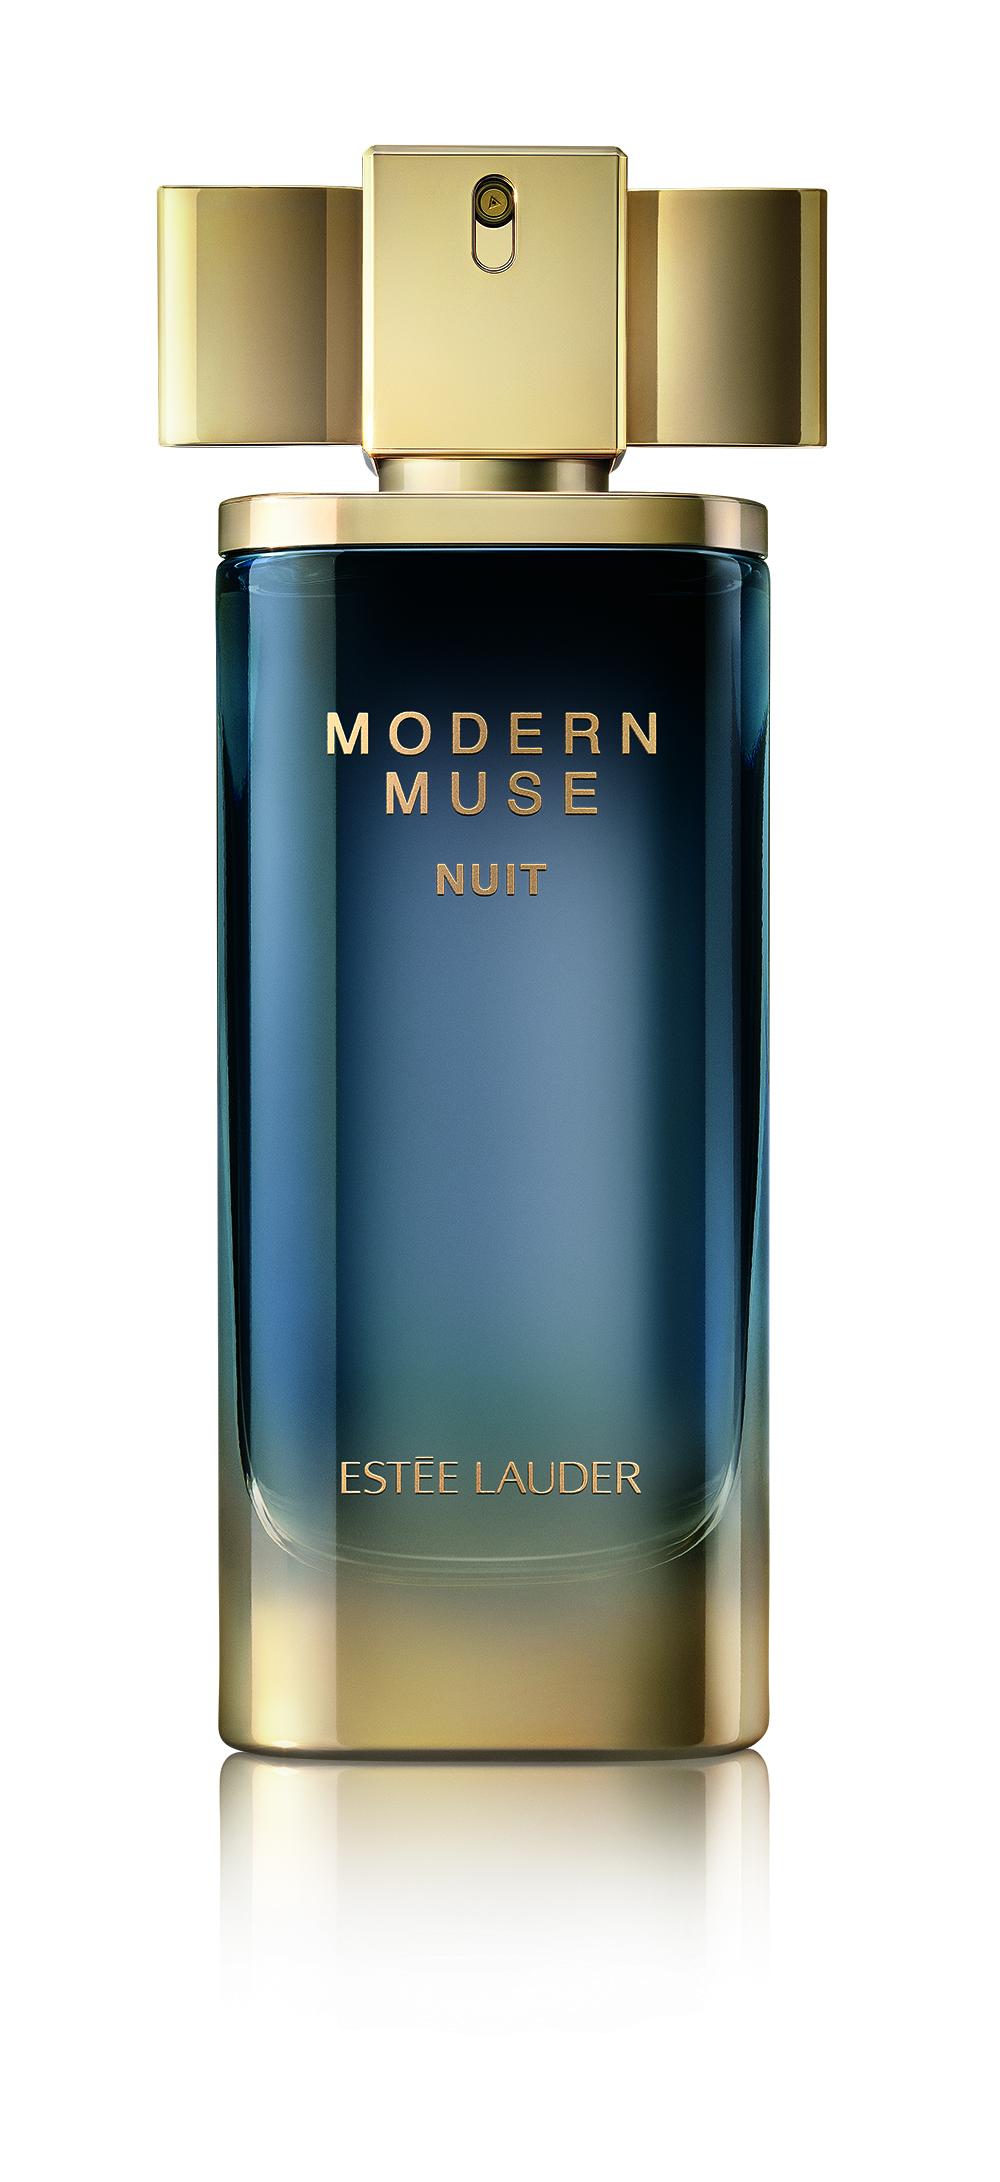 Modern Muse Nuit מחיר השקה 50 מל - 249 שח - 100 מל - 349 (מחיר מלא 540 ו - 753)  להשיג בכל רשתות הפארם, משביר, אפריל ופרפומריות נבחרות(צילום יחצ חול)